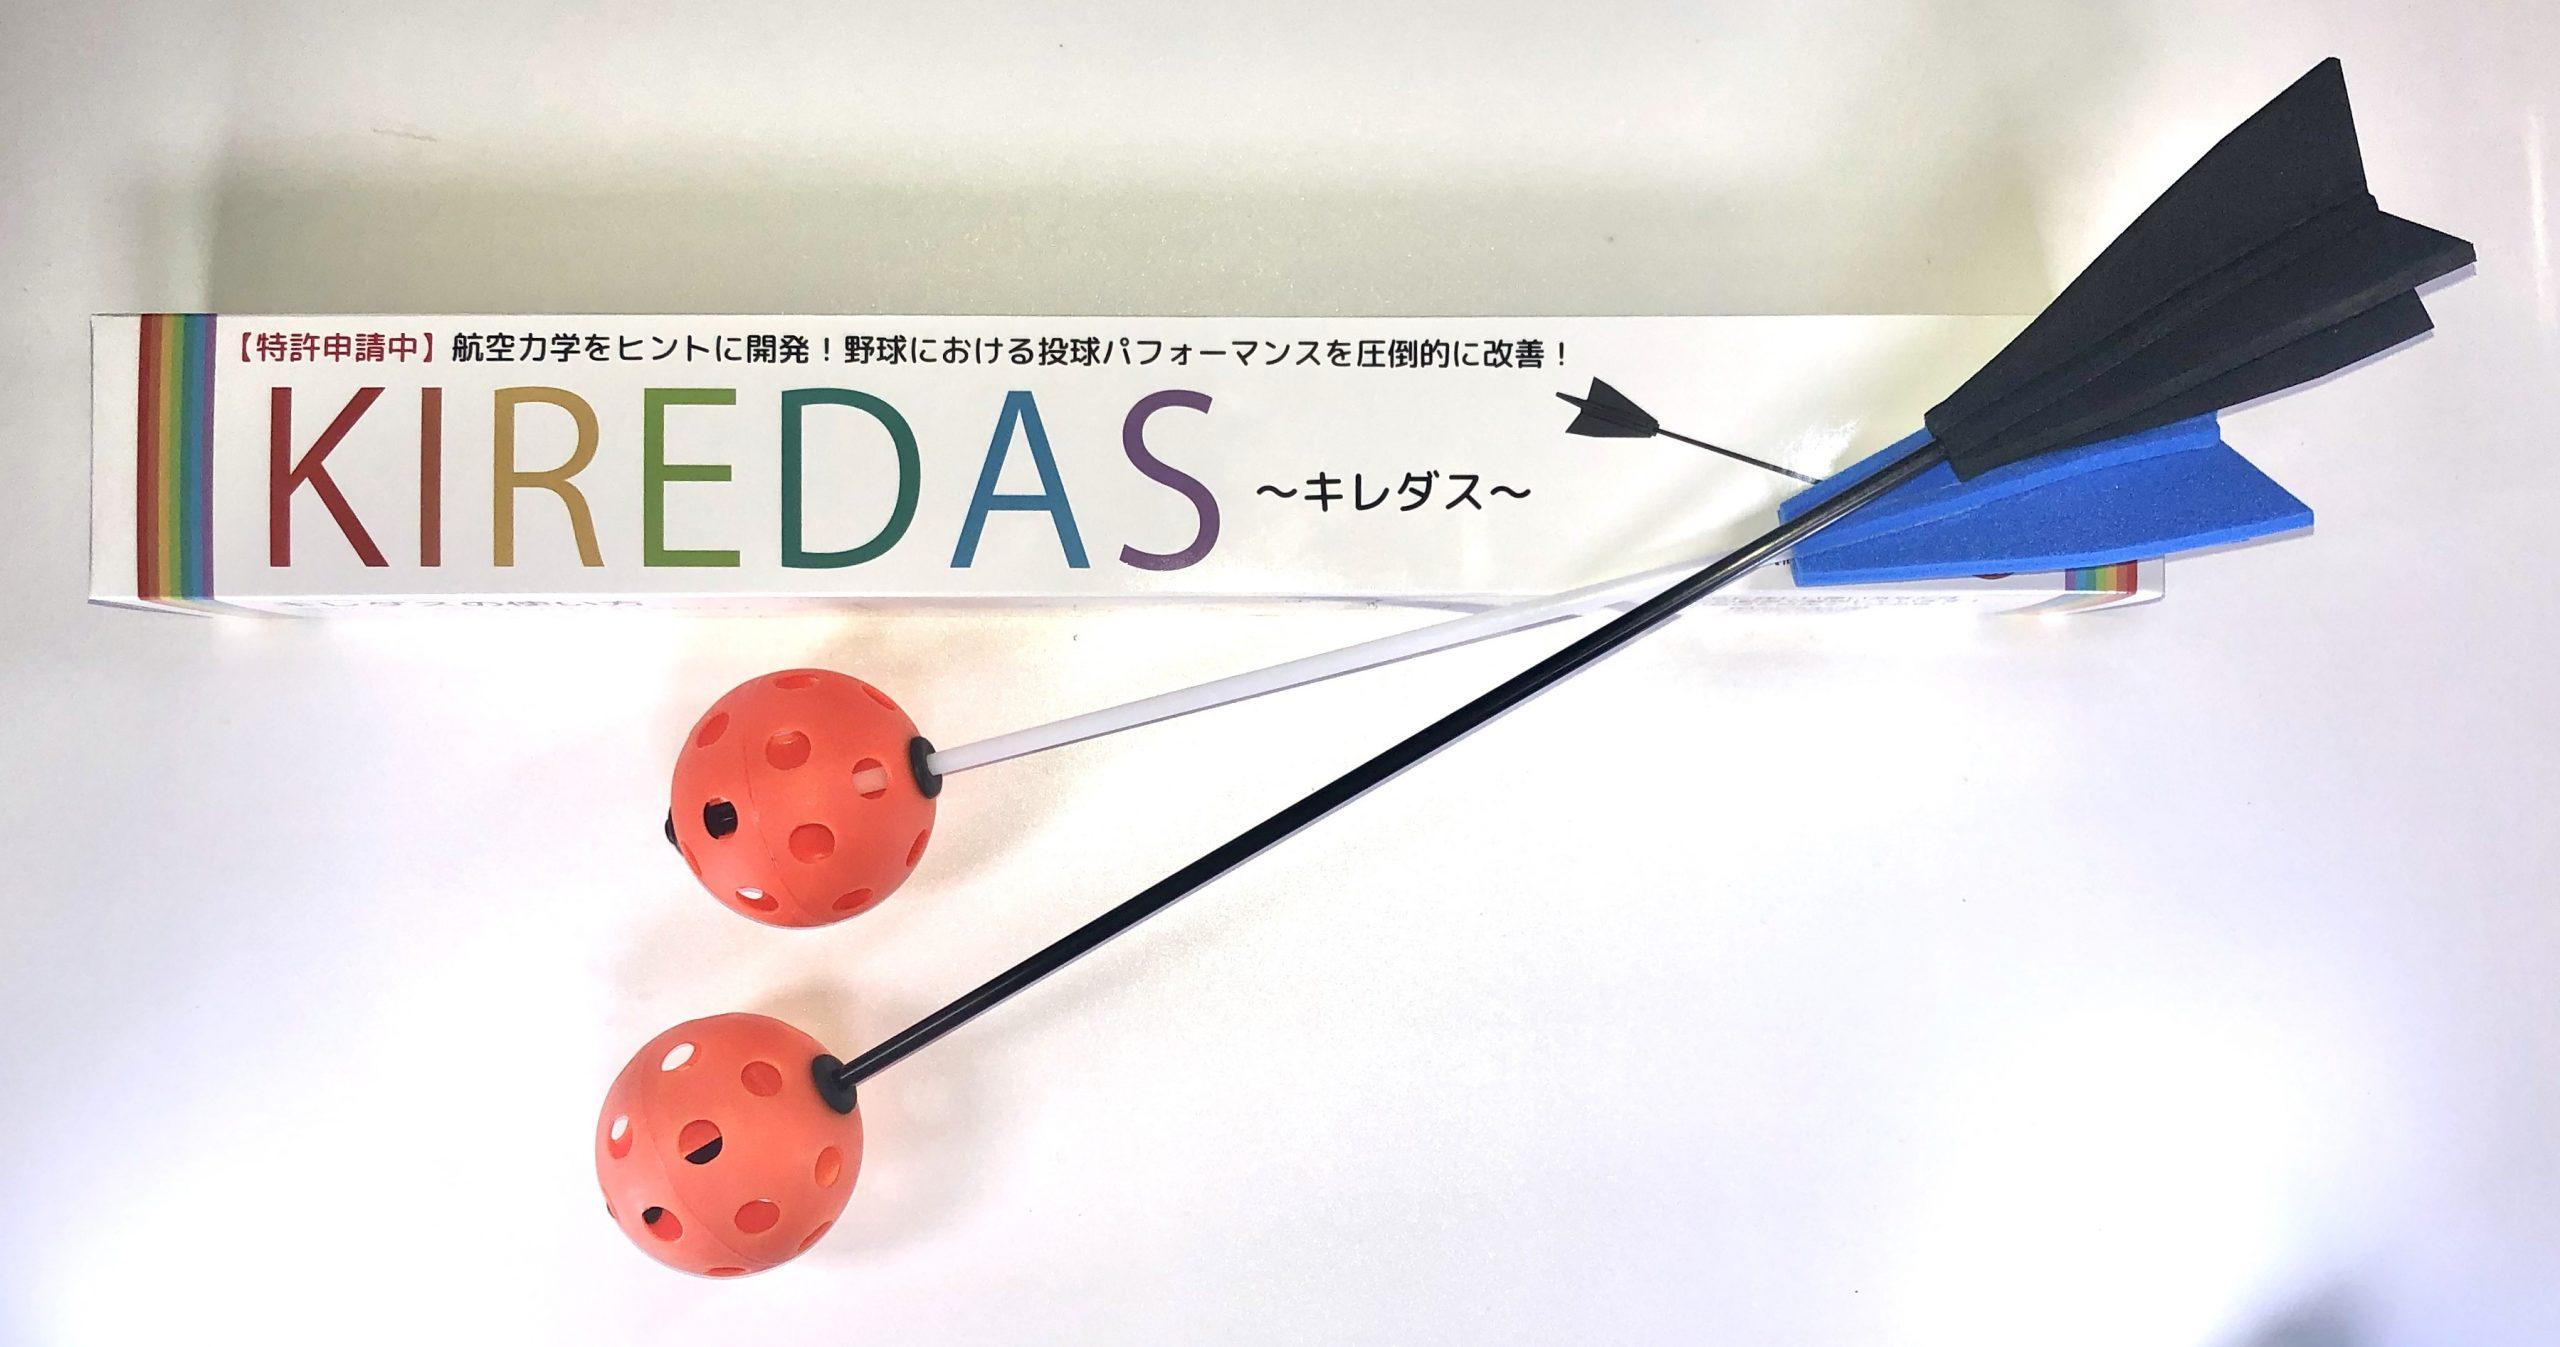 キレダス_Ver.1